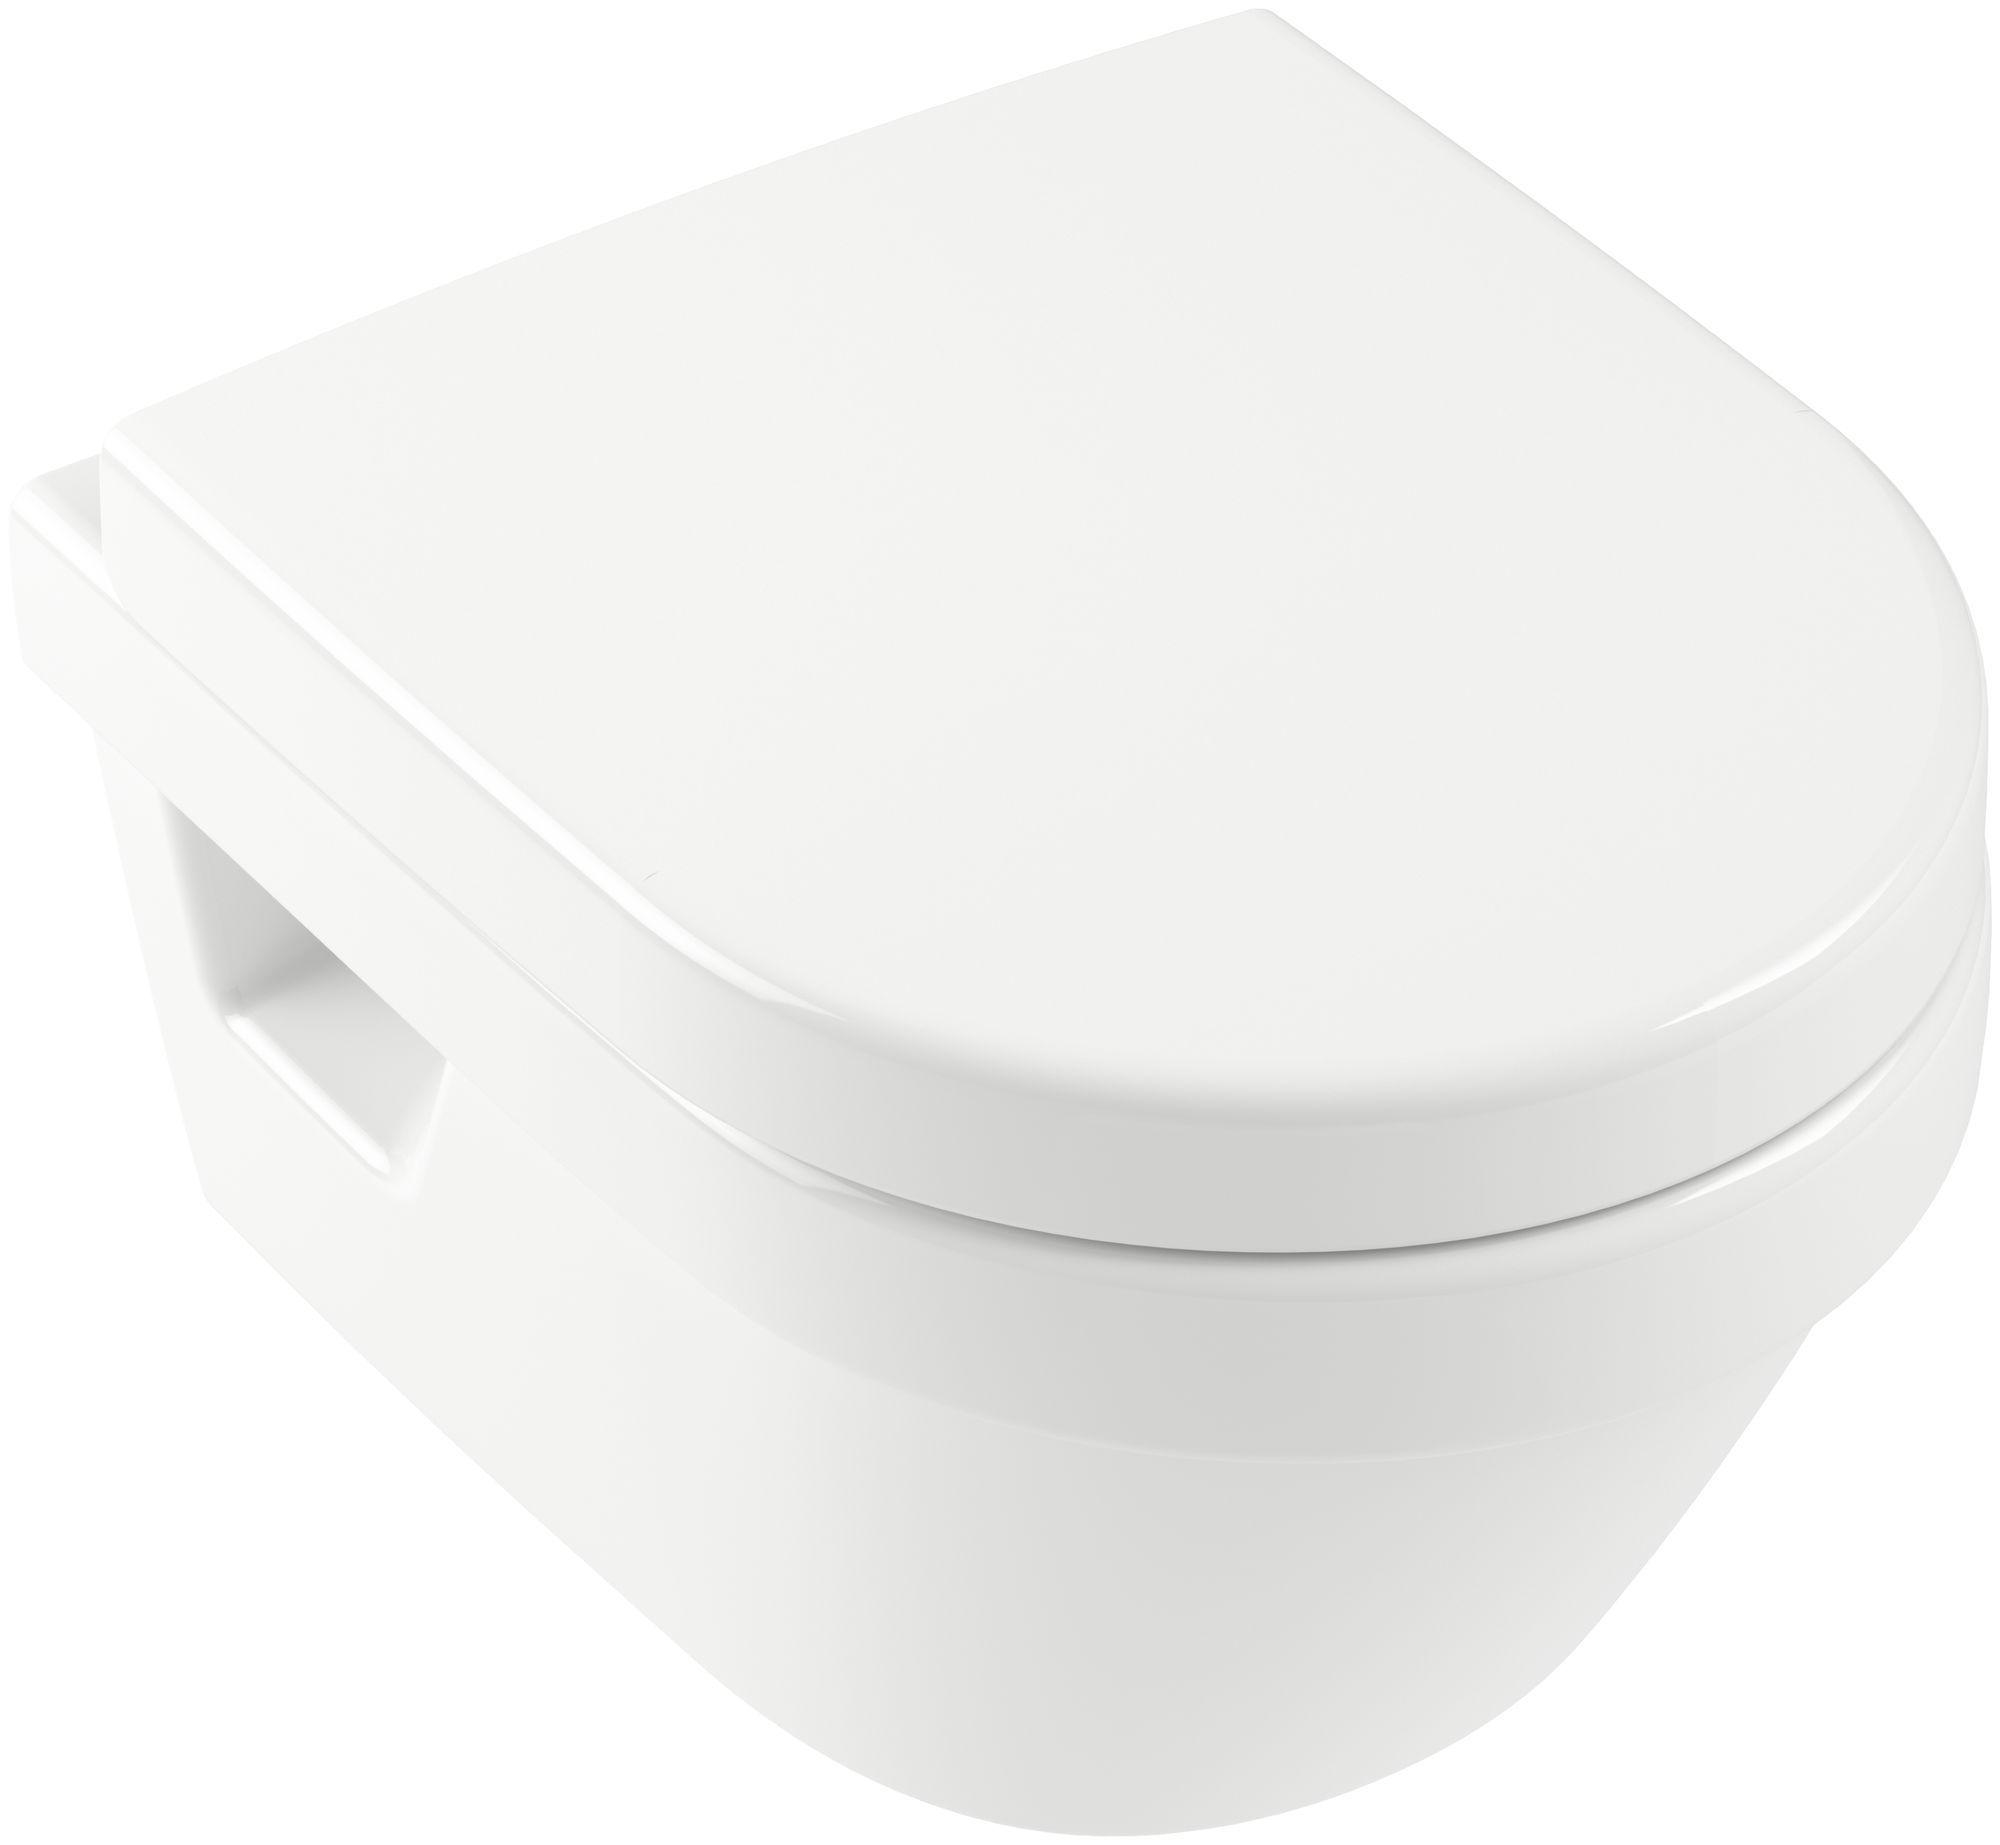 Villeroy & Boch Architectura Wand-Tiefspül-WC Combi-Pack L:48 B:35cm DirectFlush mit offenem Spülrand weiß mit CeramicPlus 4687HRR1